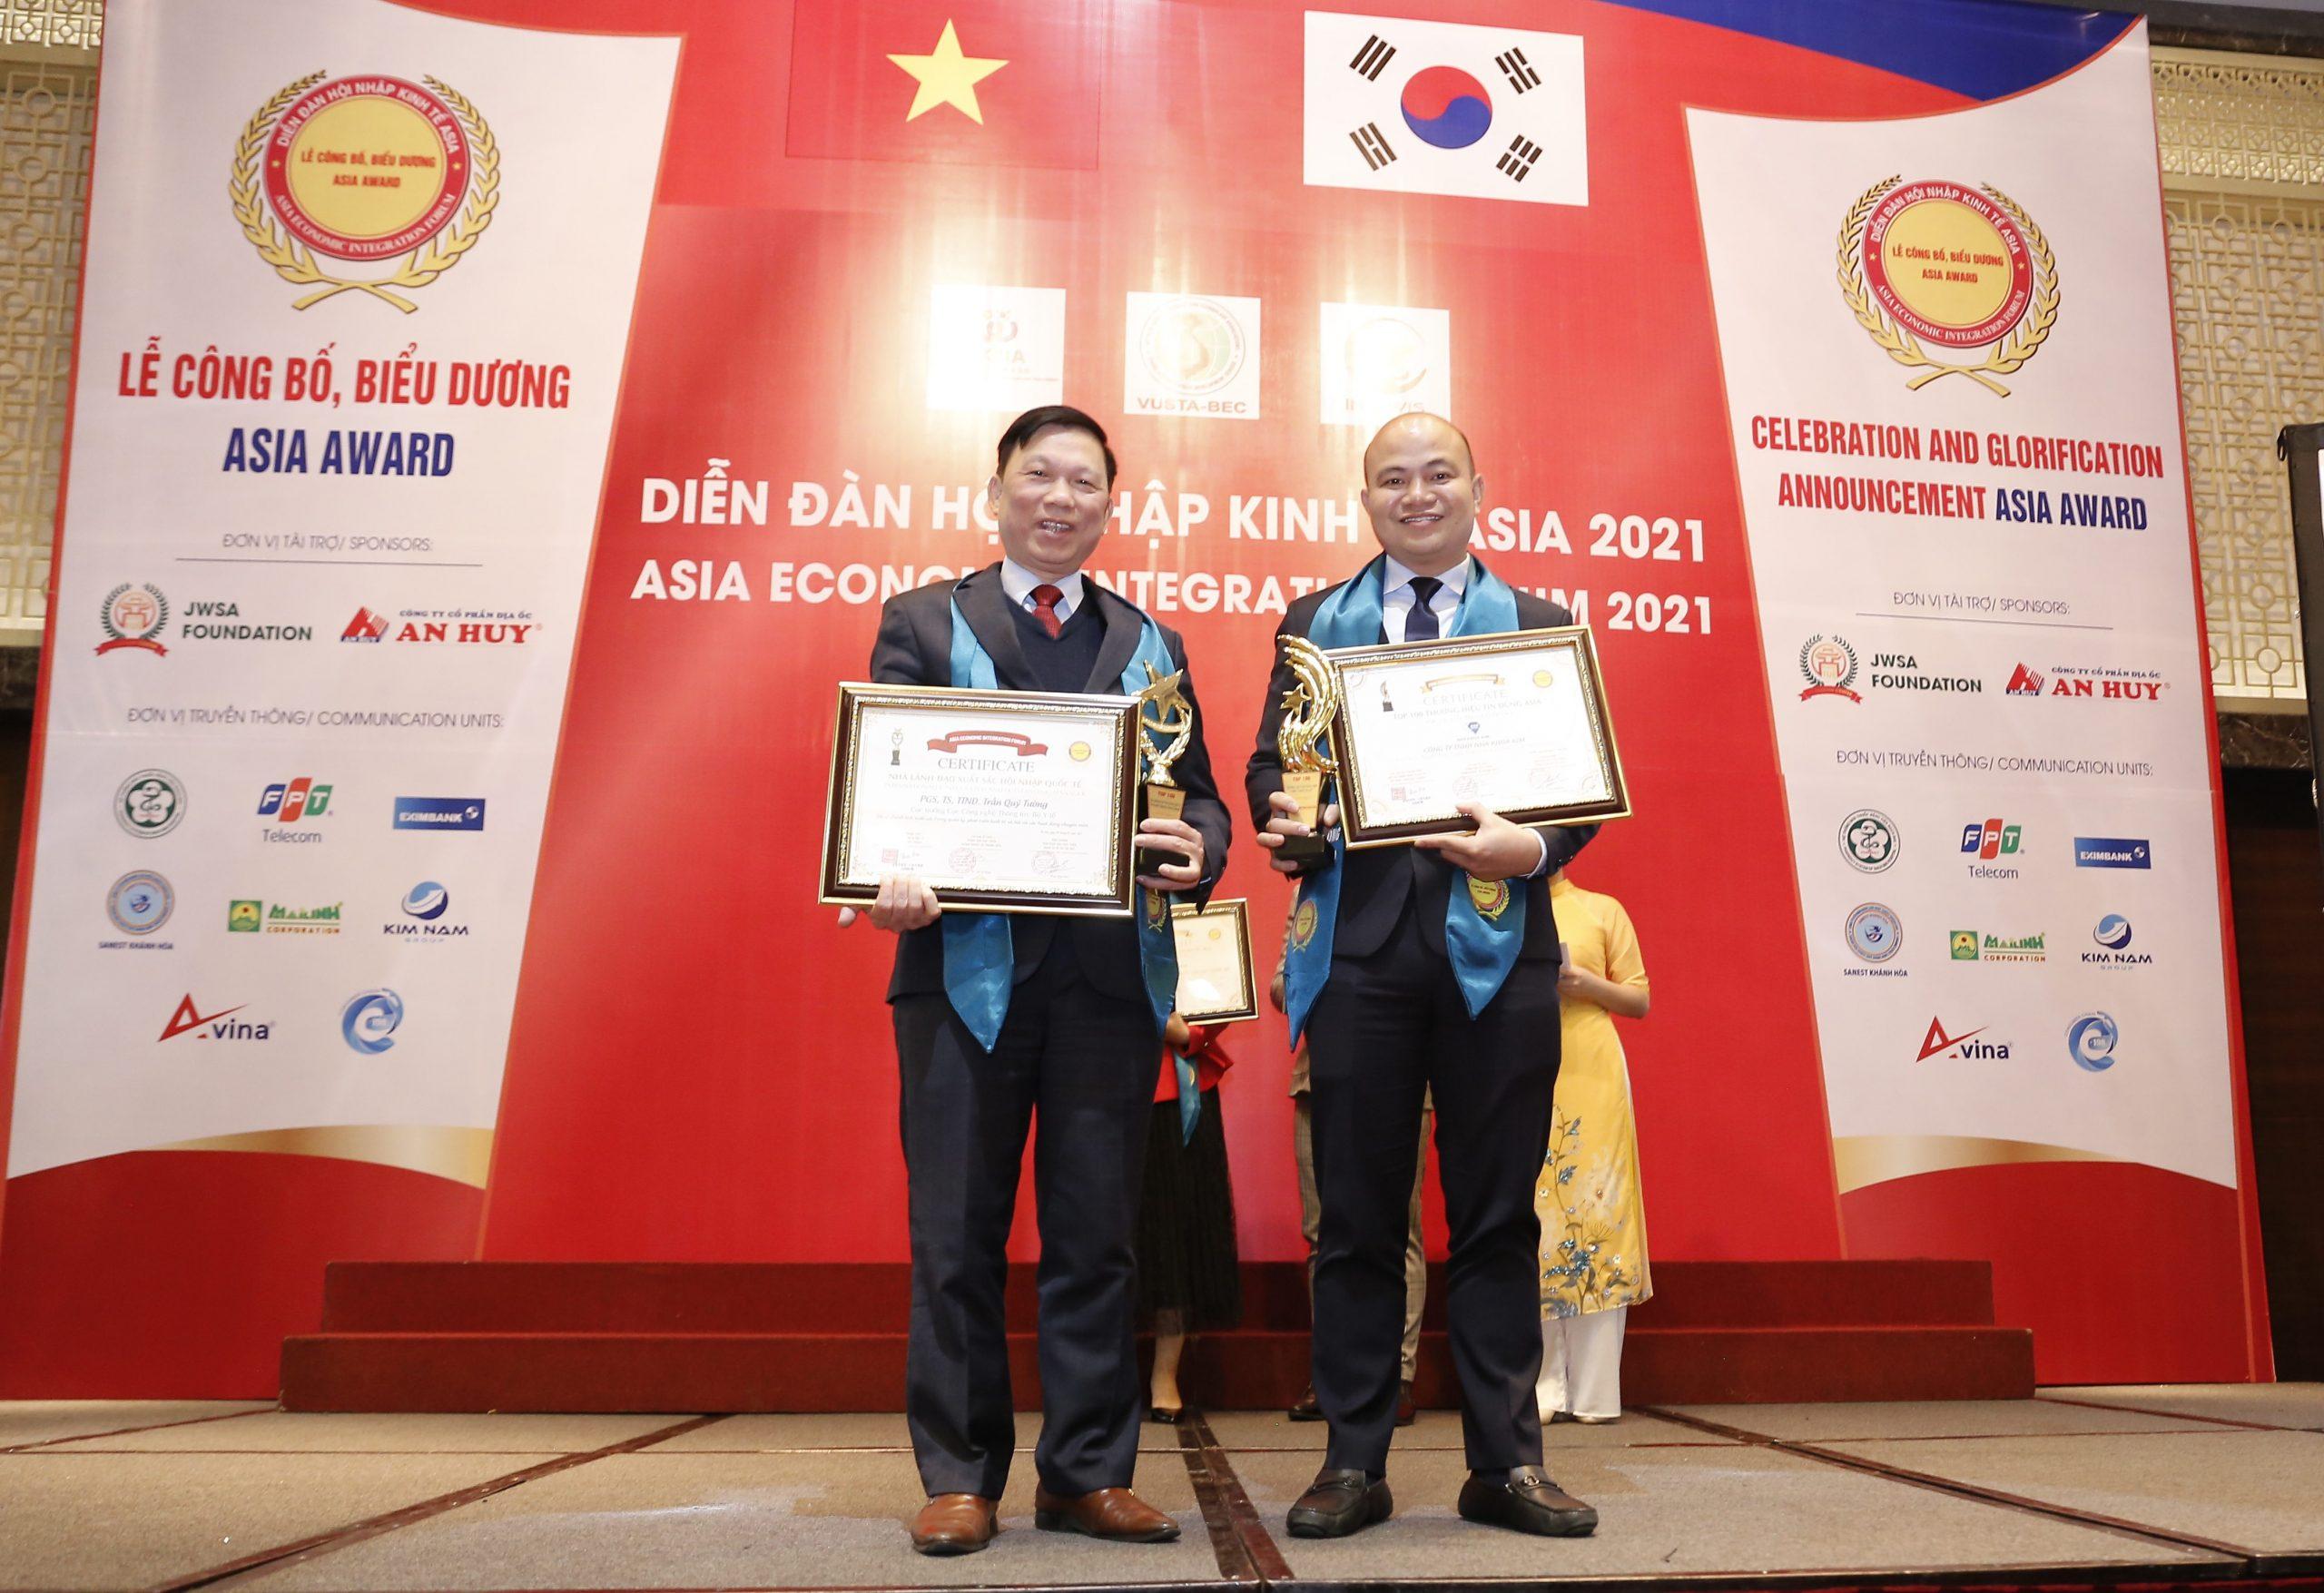 Ông Sử Duy Bin, CEO Nha Khoa Kim (phải) chụp hình kỷ niệm cùng PGS.TS Trần Qúy Tường, Cục trưởng Cục Công nghệ Thông tin - Bộ Y Tế